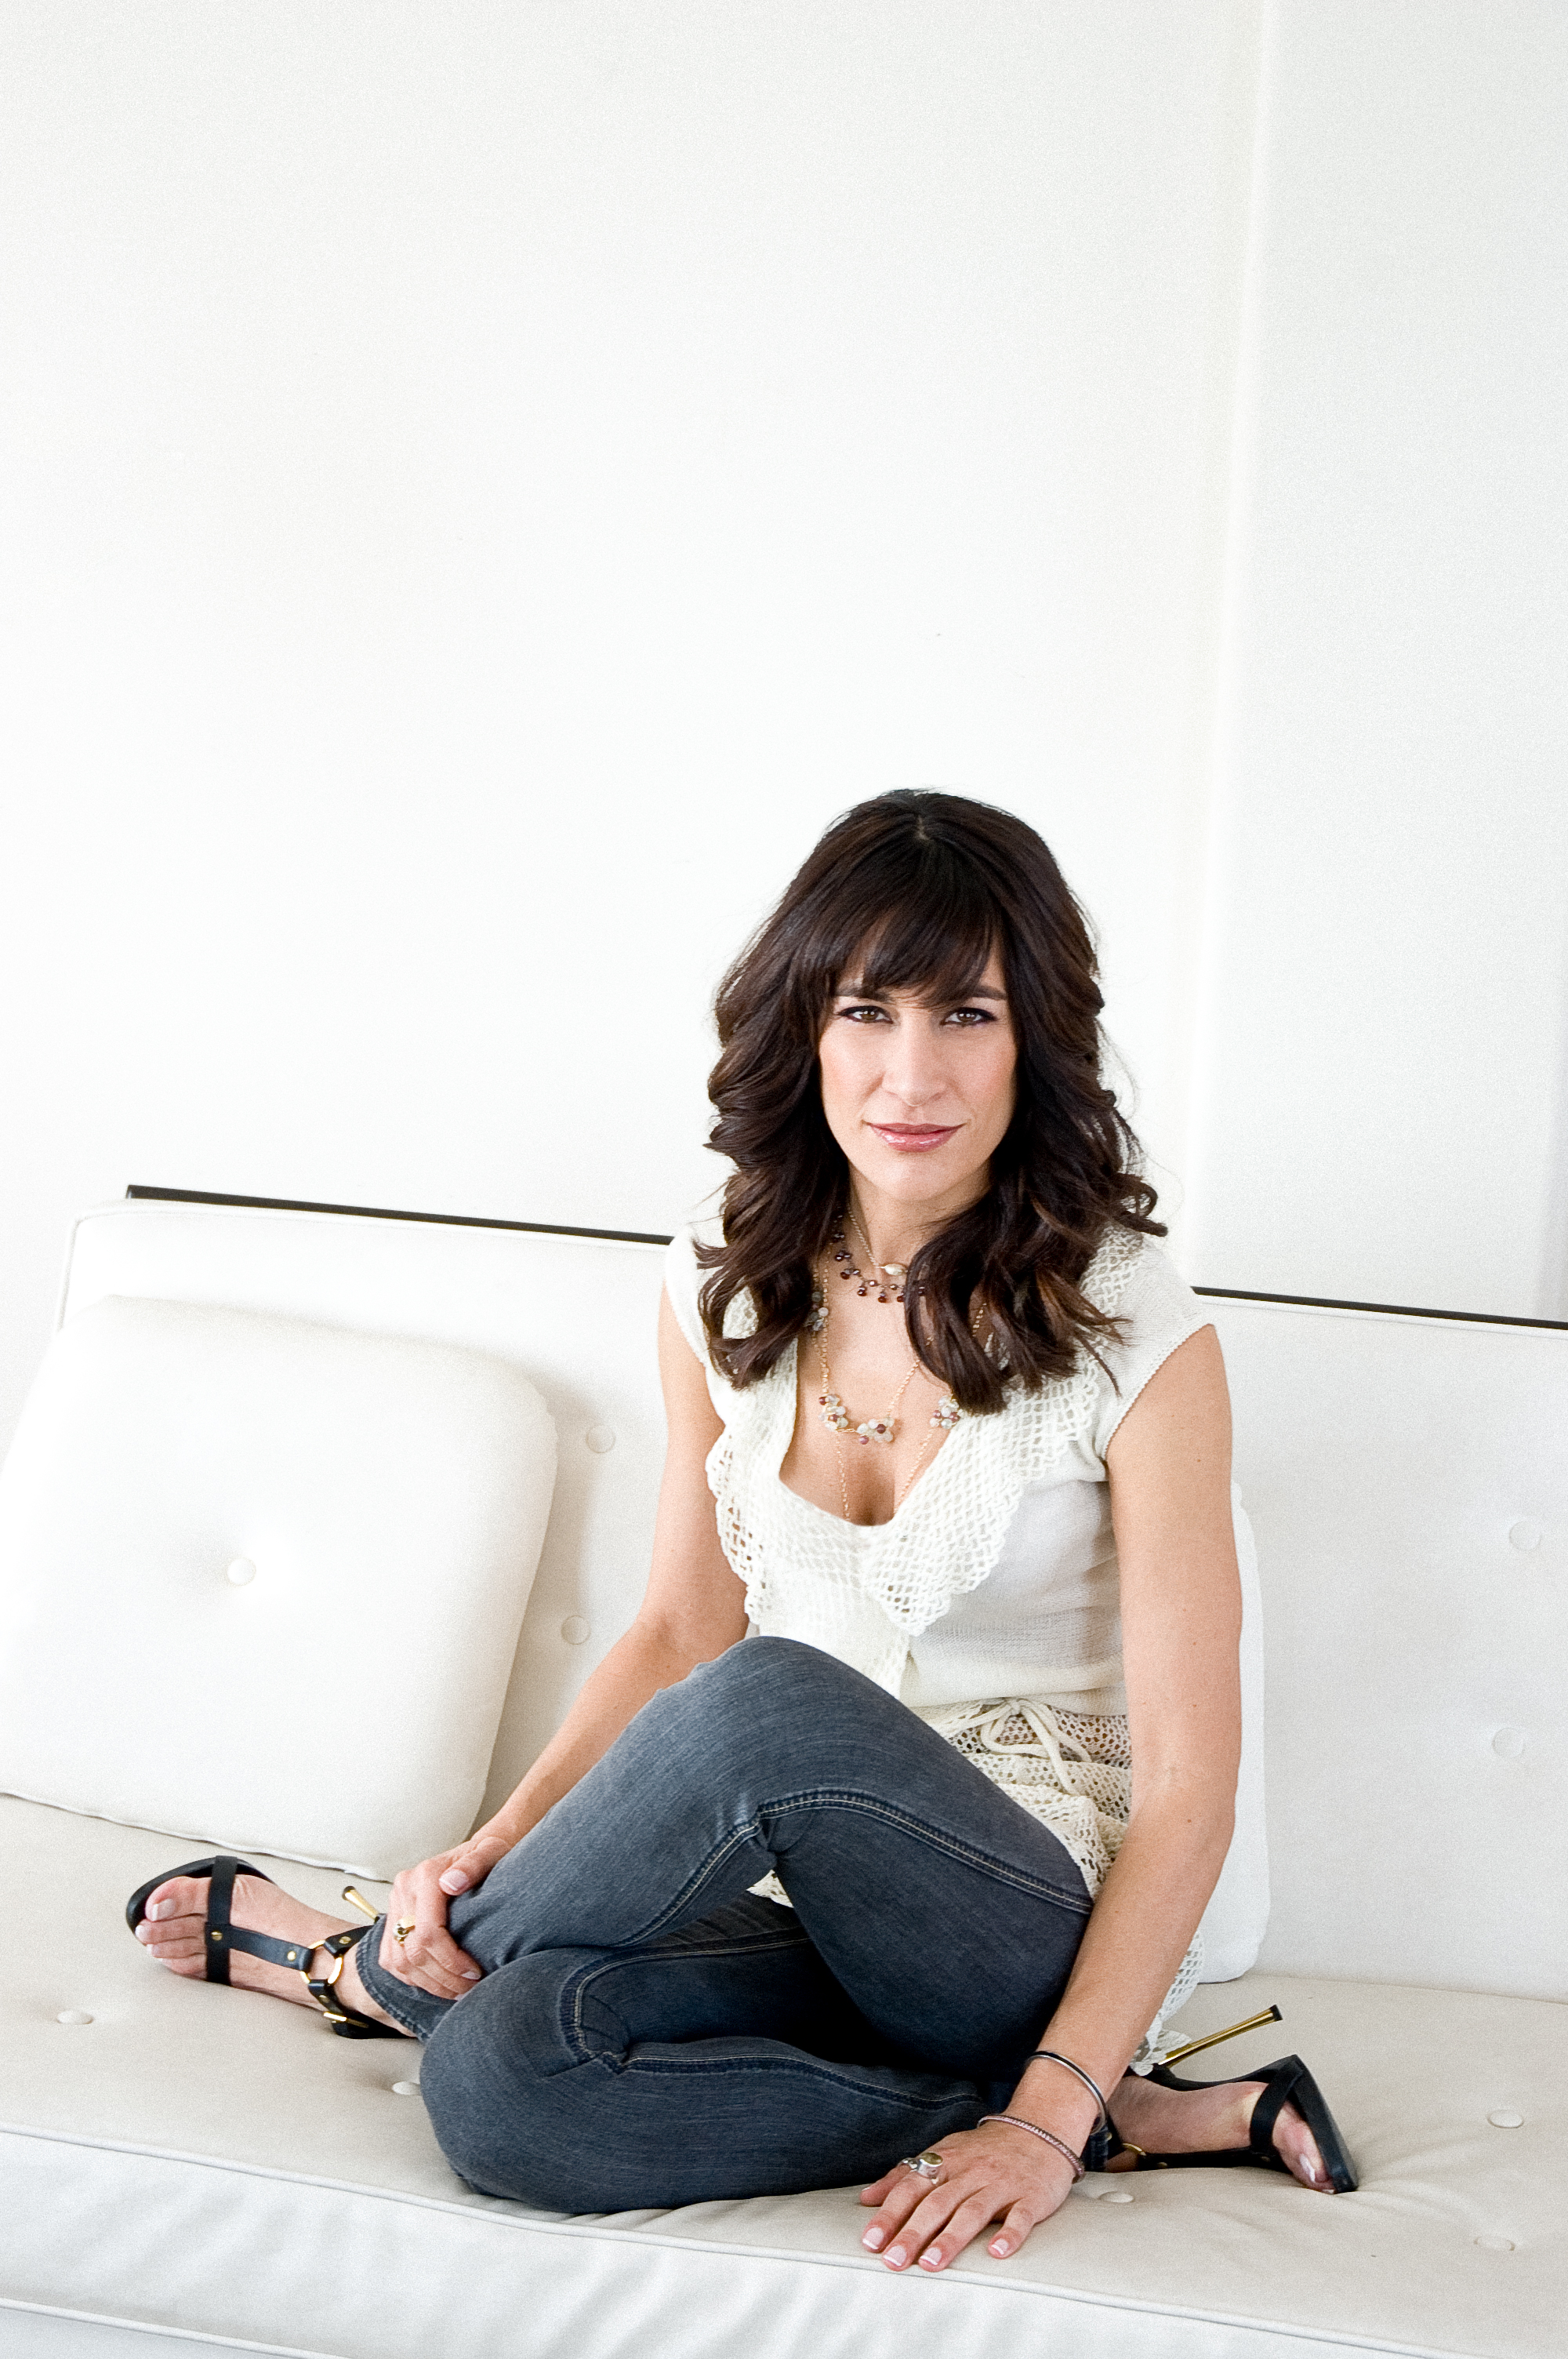 Vanessa Parise